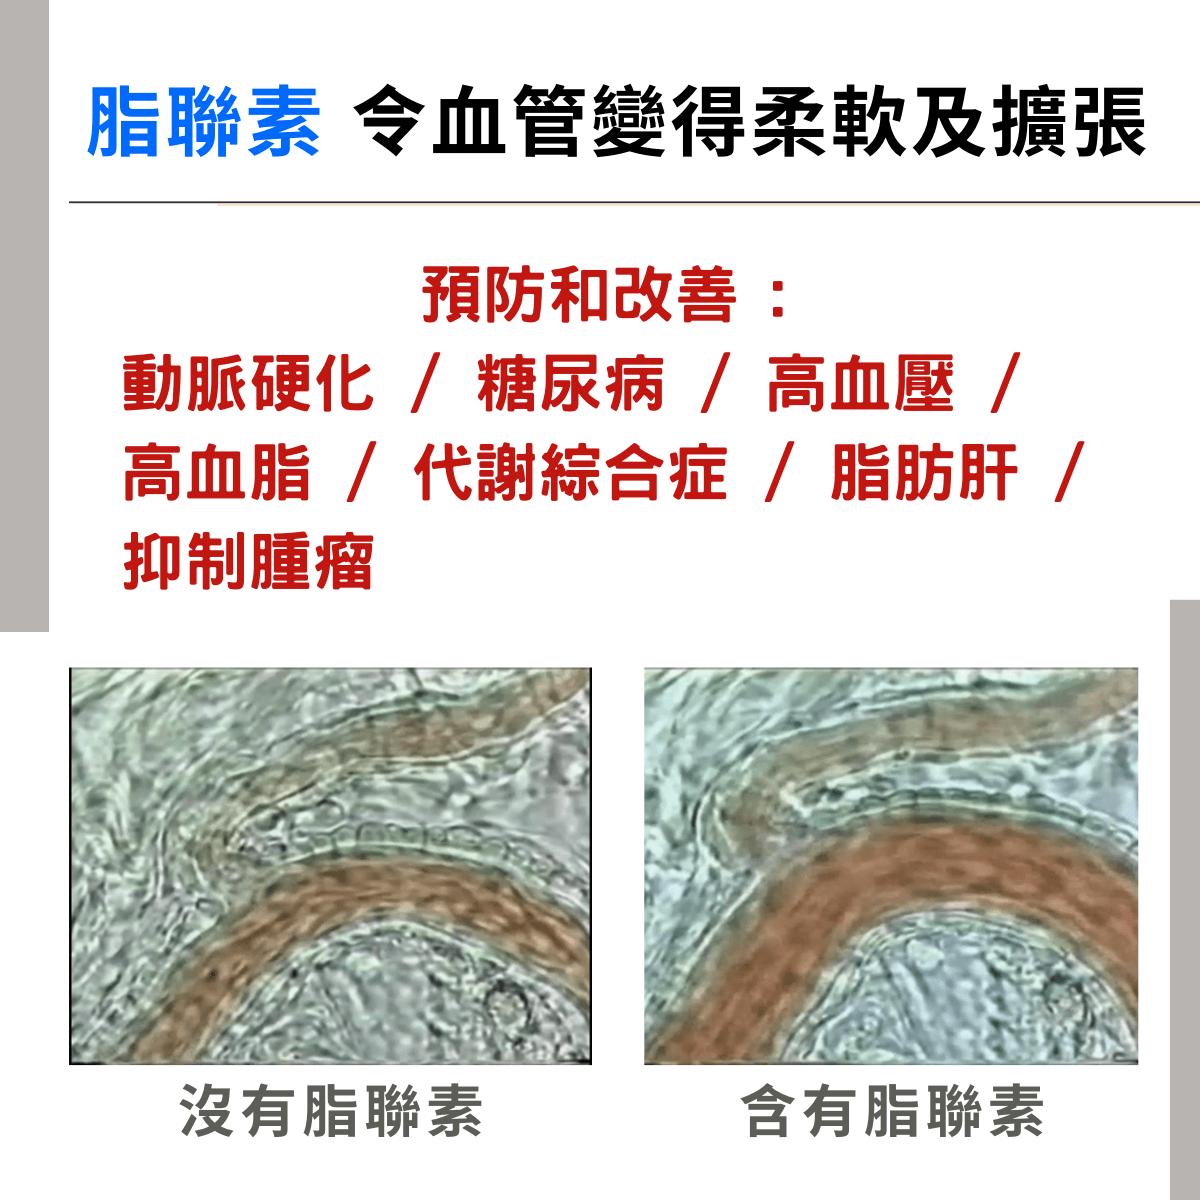 軟化及擴張血管